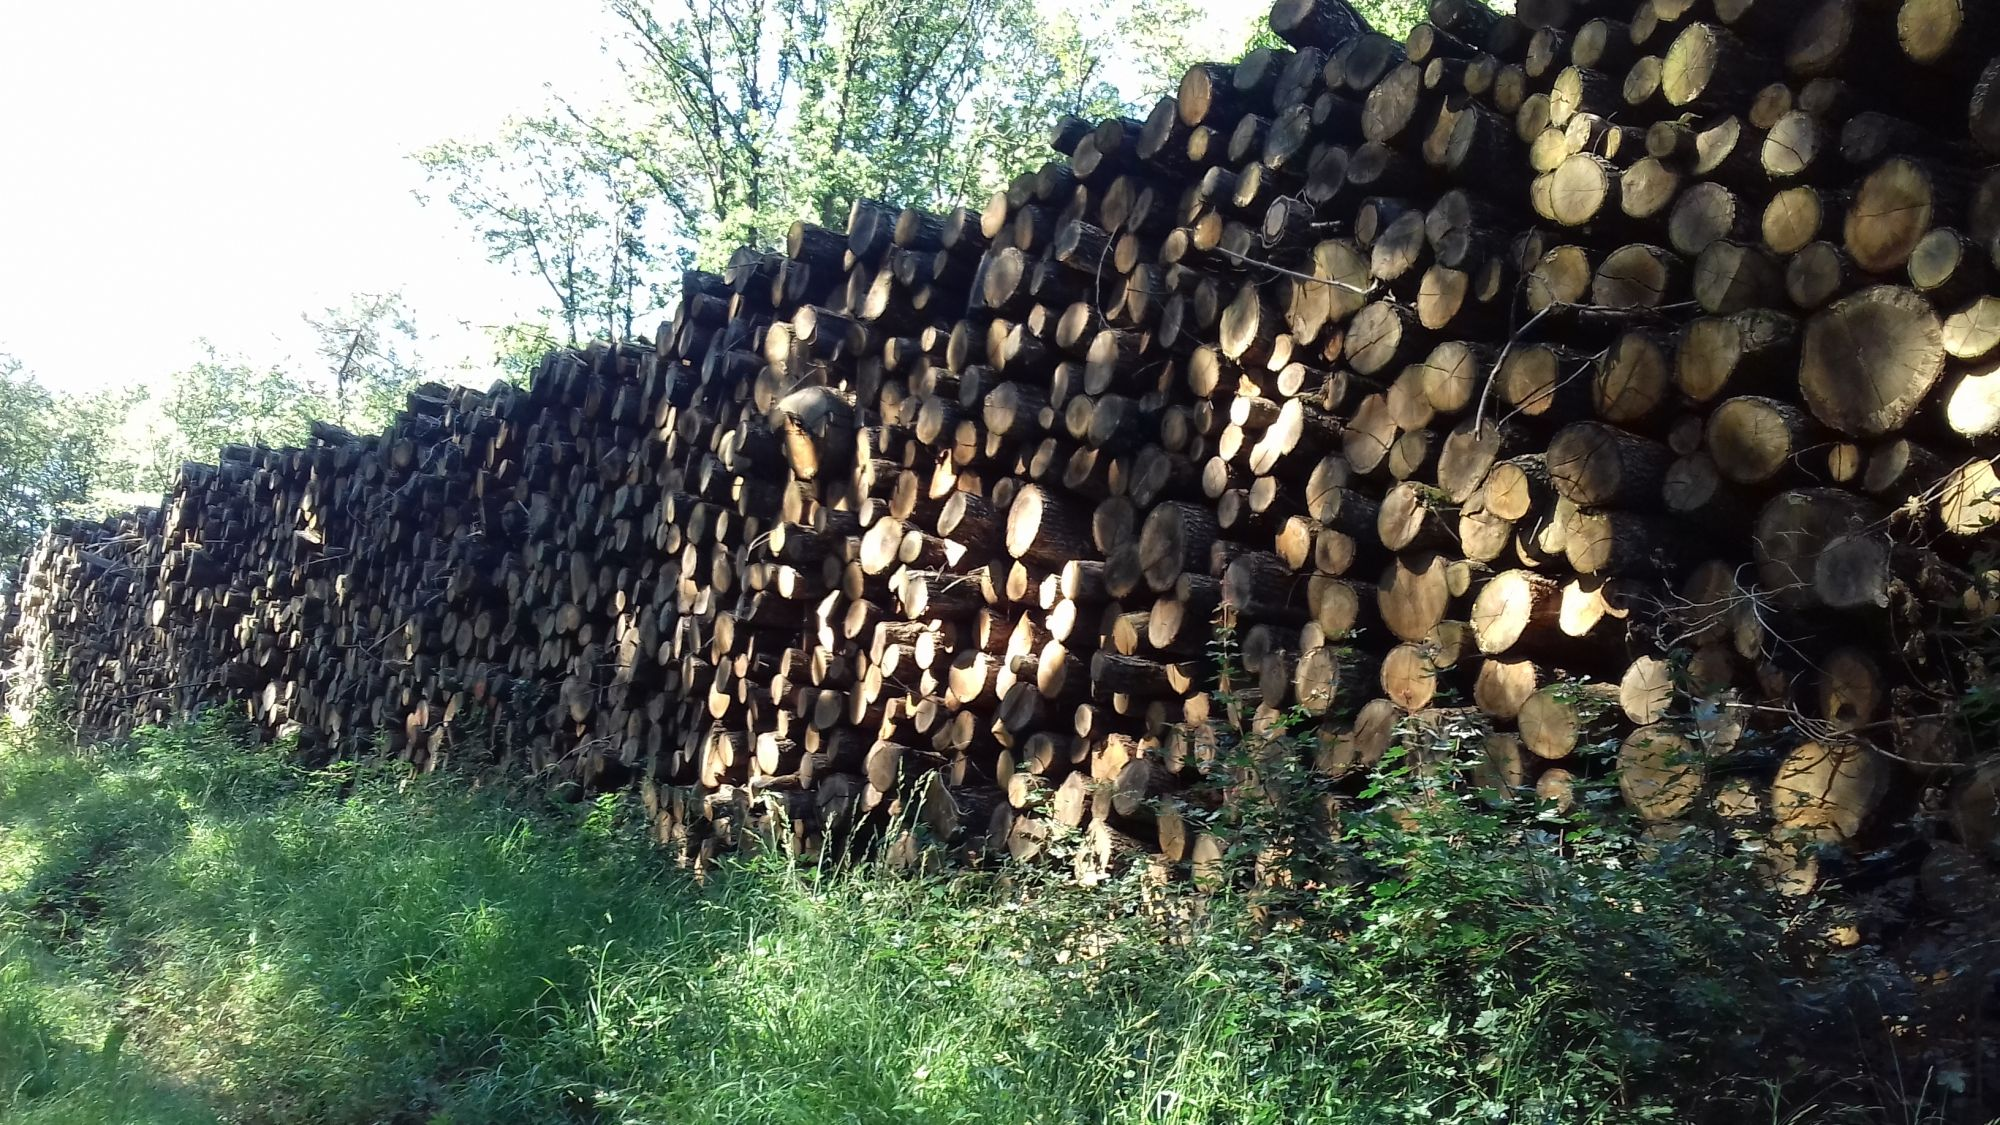 site internet pour revendeur de combustible bois dans le Val-de-Marnesite internet pour revendeur de combustible bois dans le Val-de-Marne